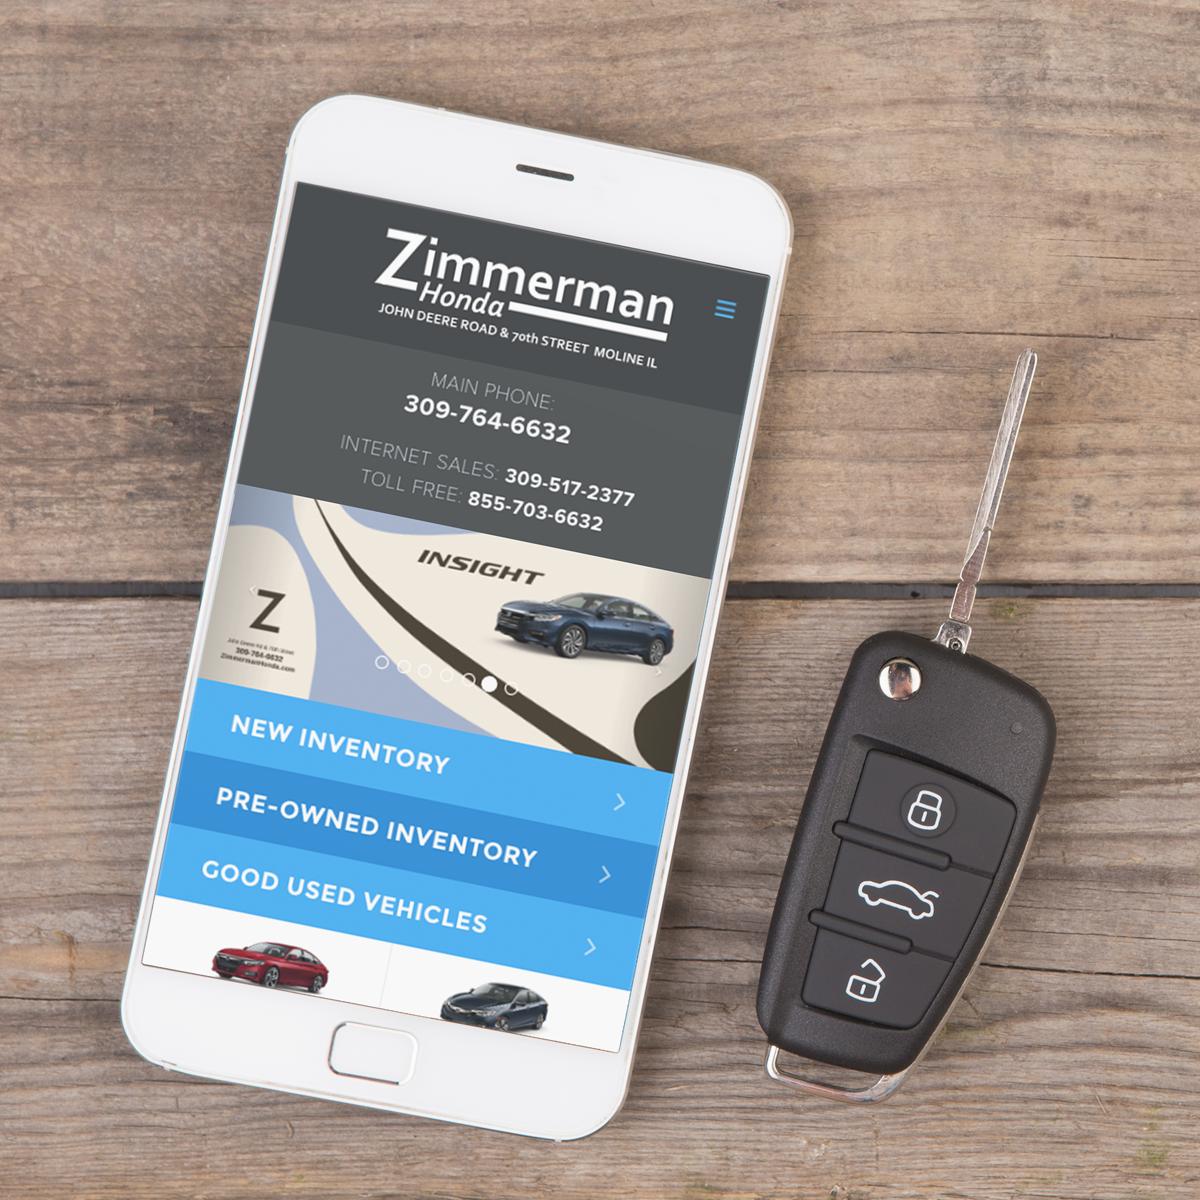 Zimmerman Honda | Terrostar Interactive Media